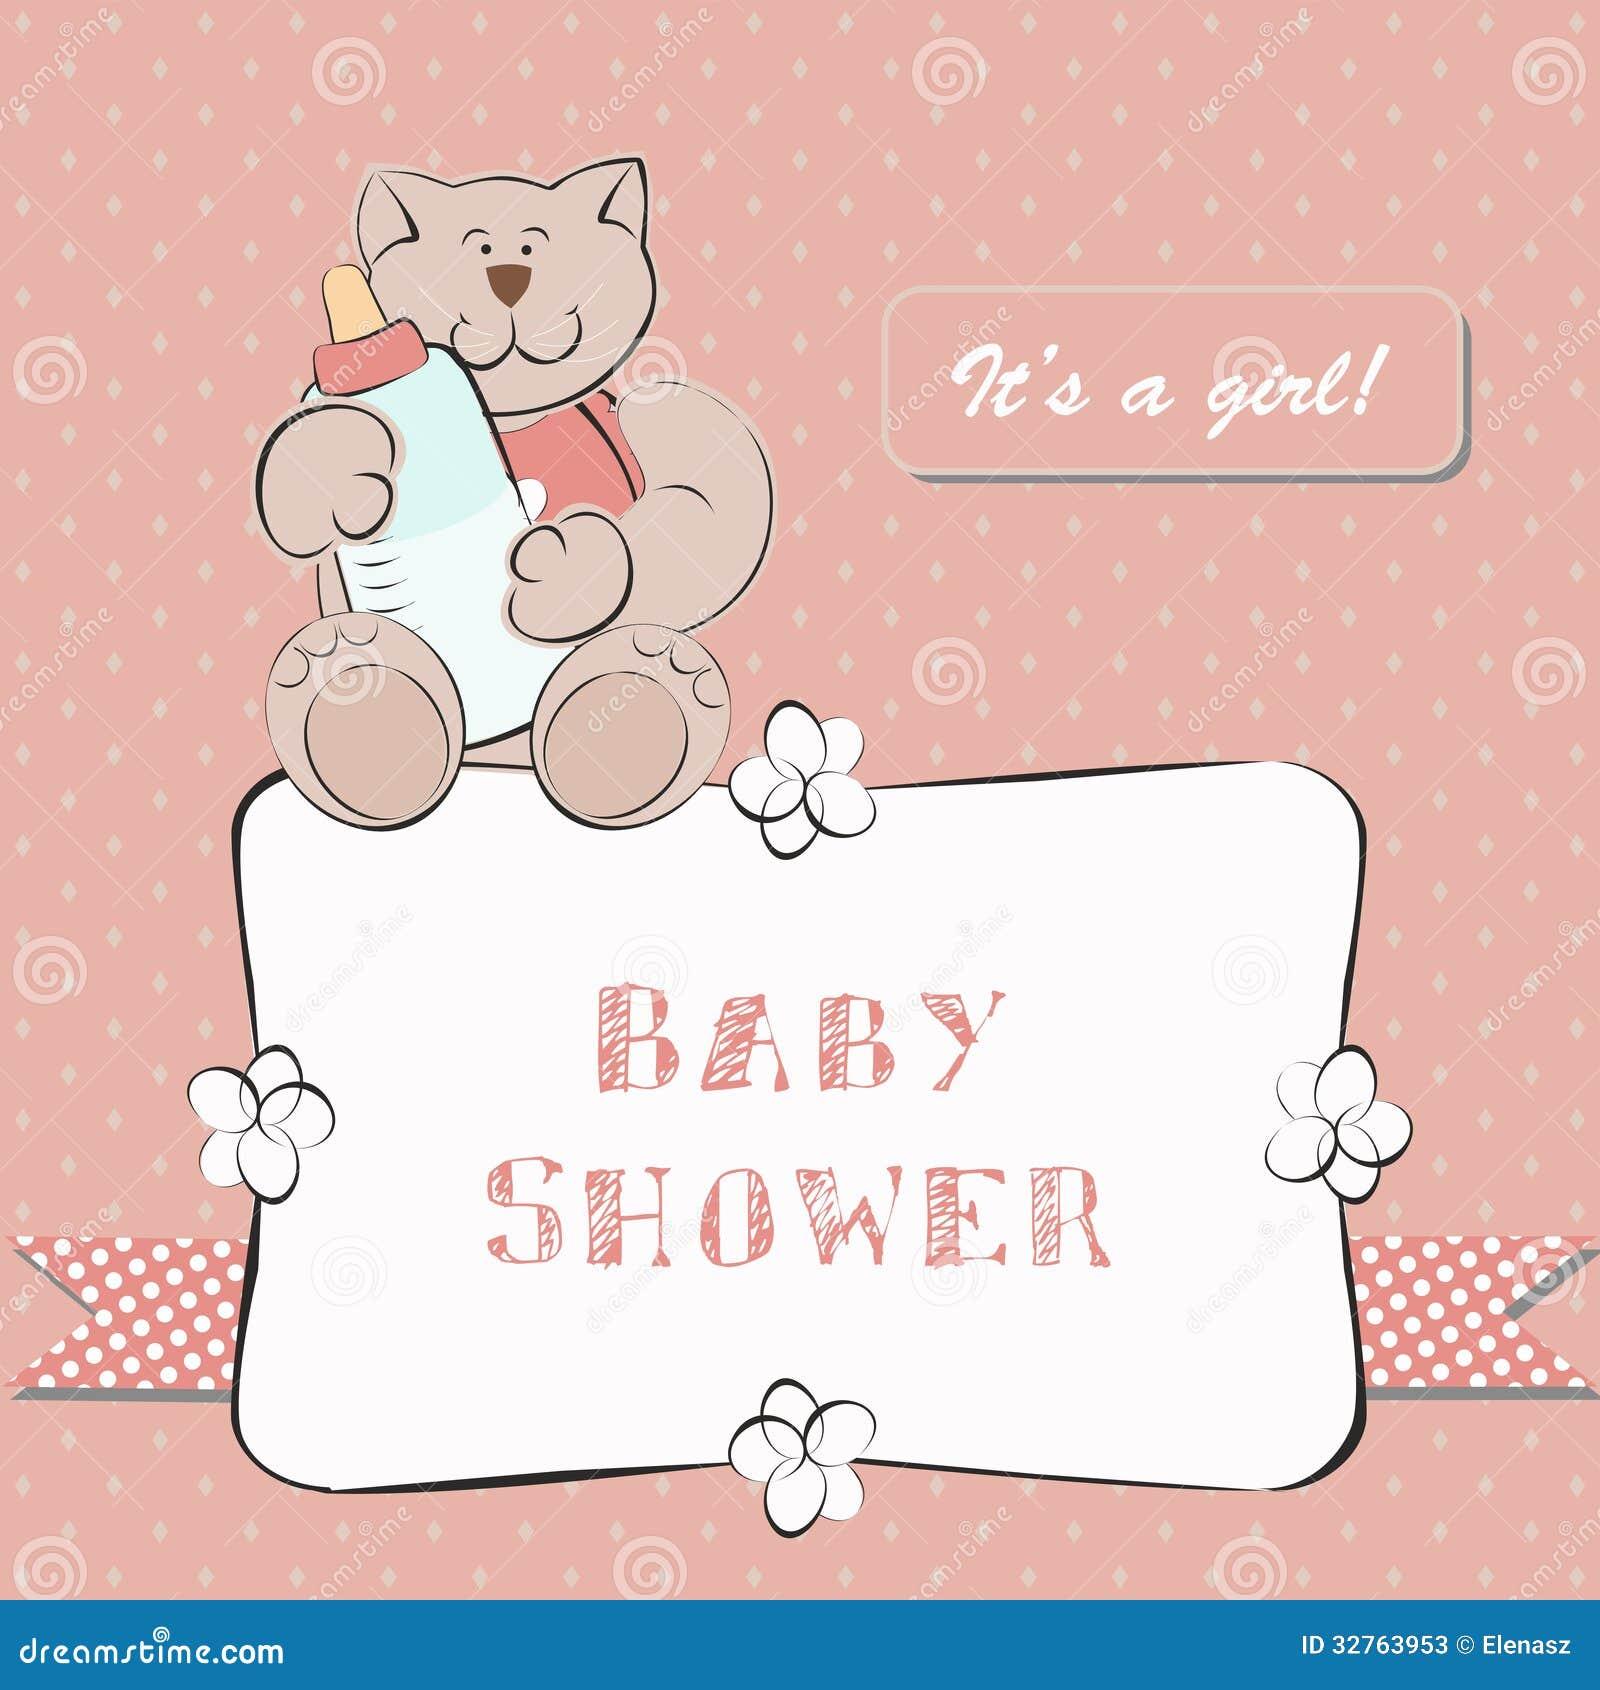 Babyparty Einladung Mit Dot Background Stockfotos   Bild: 32763953,  Einladungs